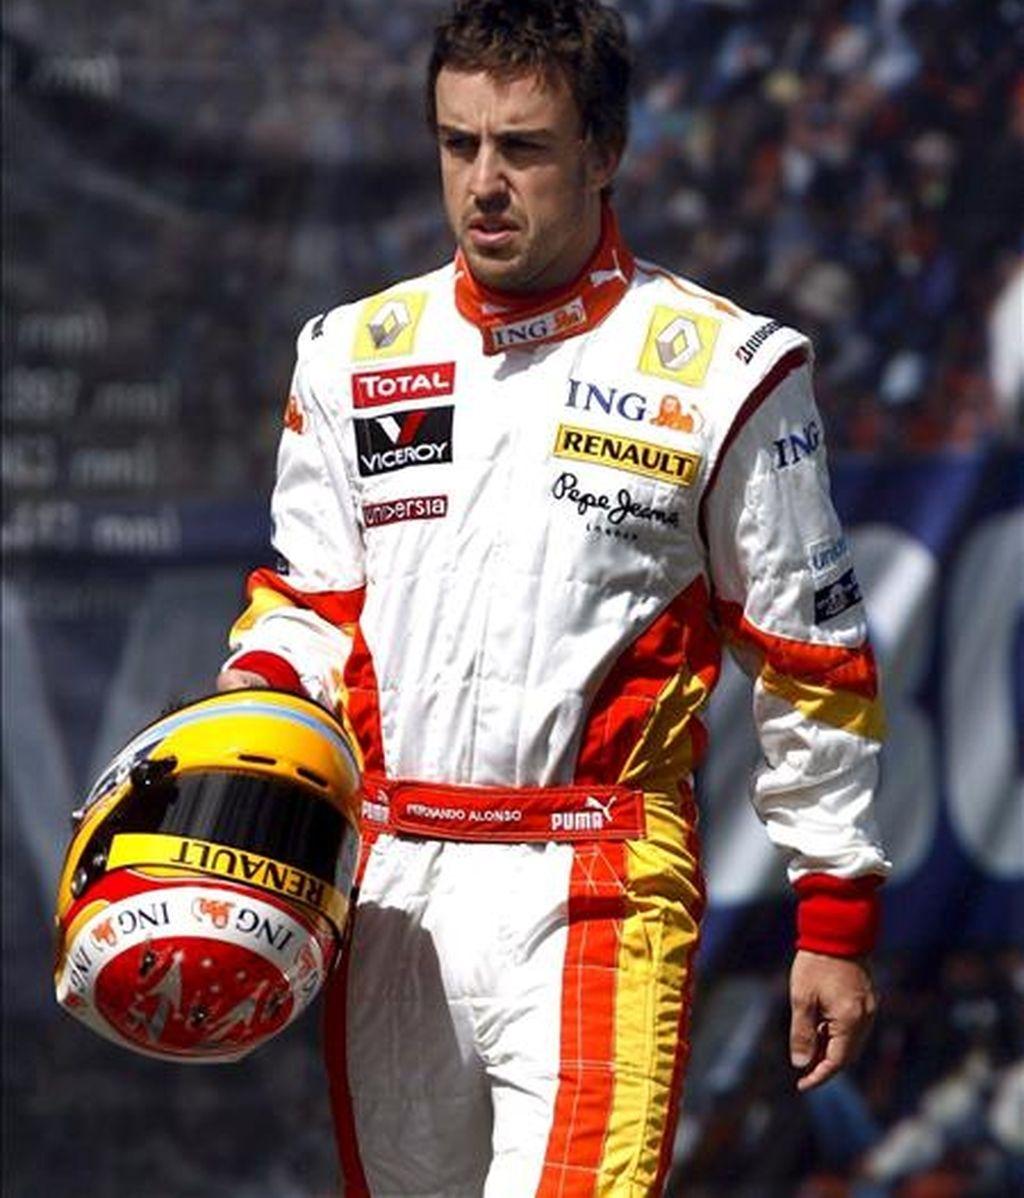 El piloto de Fórmula Uno Fernando Alonso, de Renault, manifestó su confianza en su equipo con miras al Gran Premio de China. En la imagen, Alonso, durante un entrenamiento. EFE/Archivo